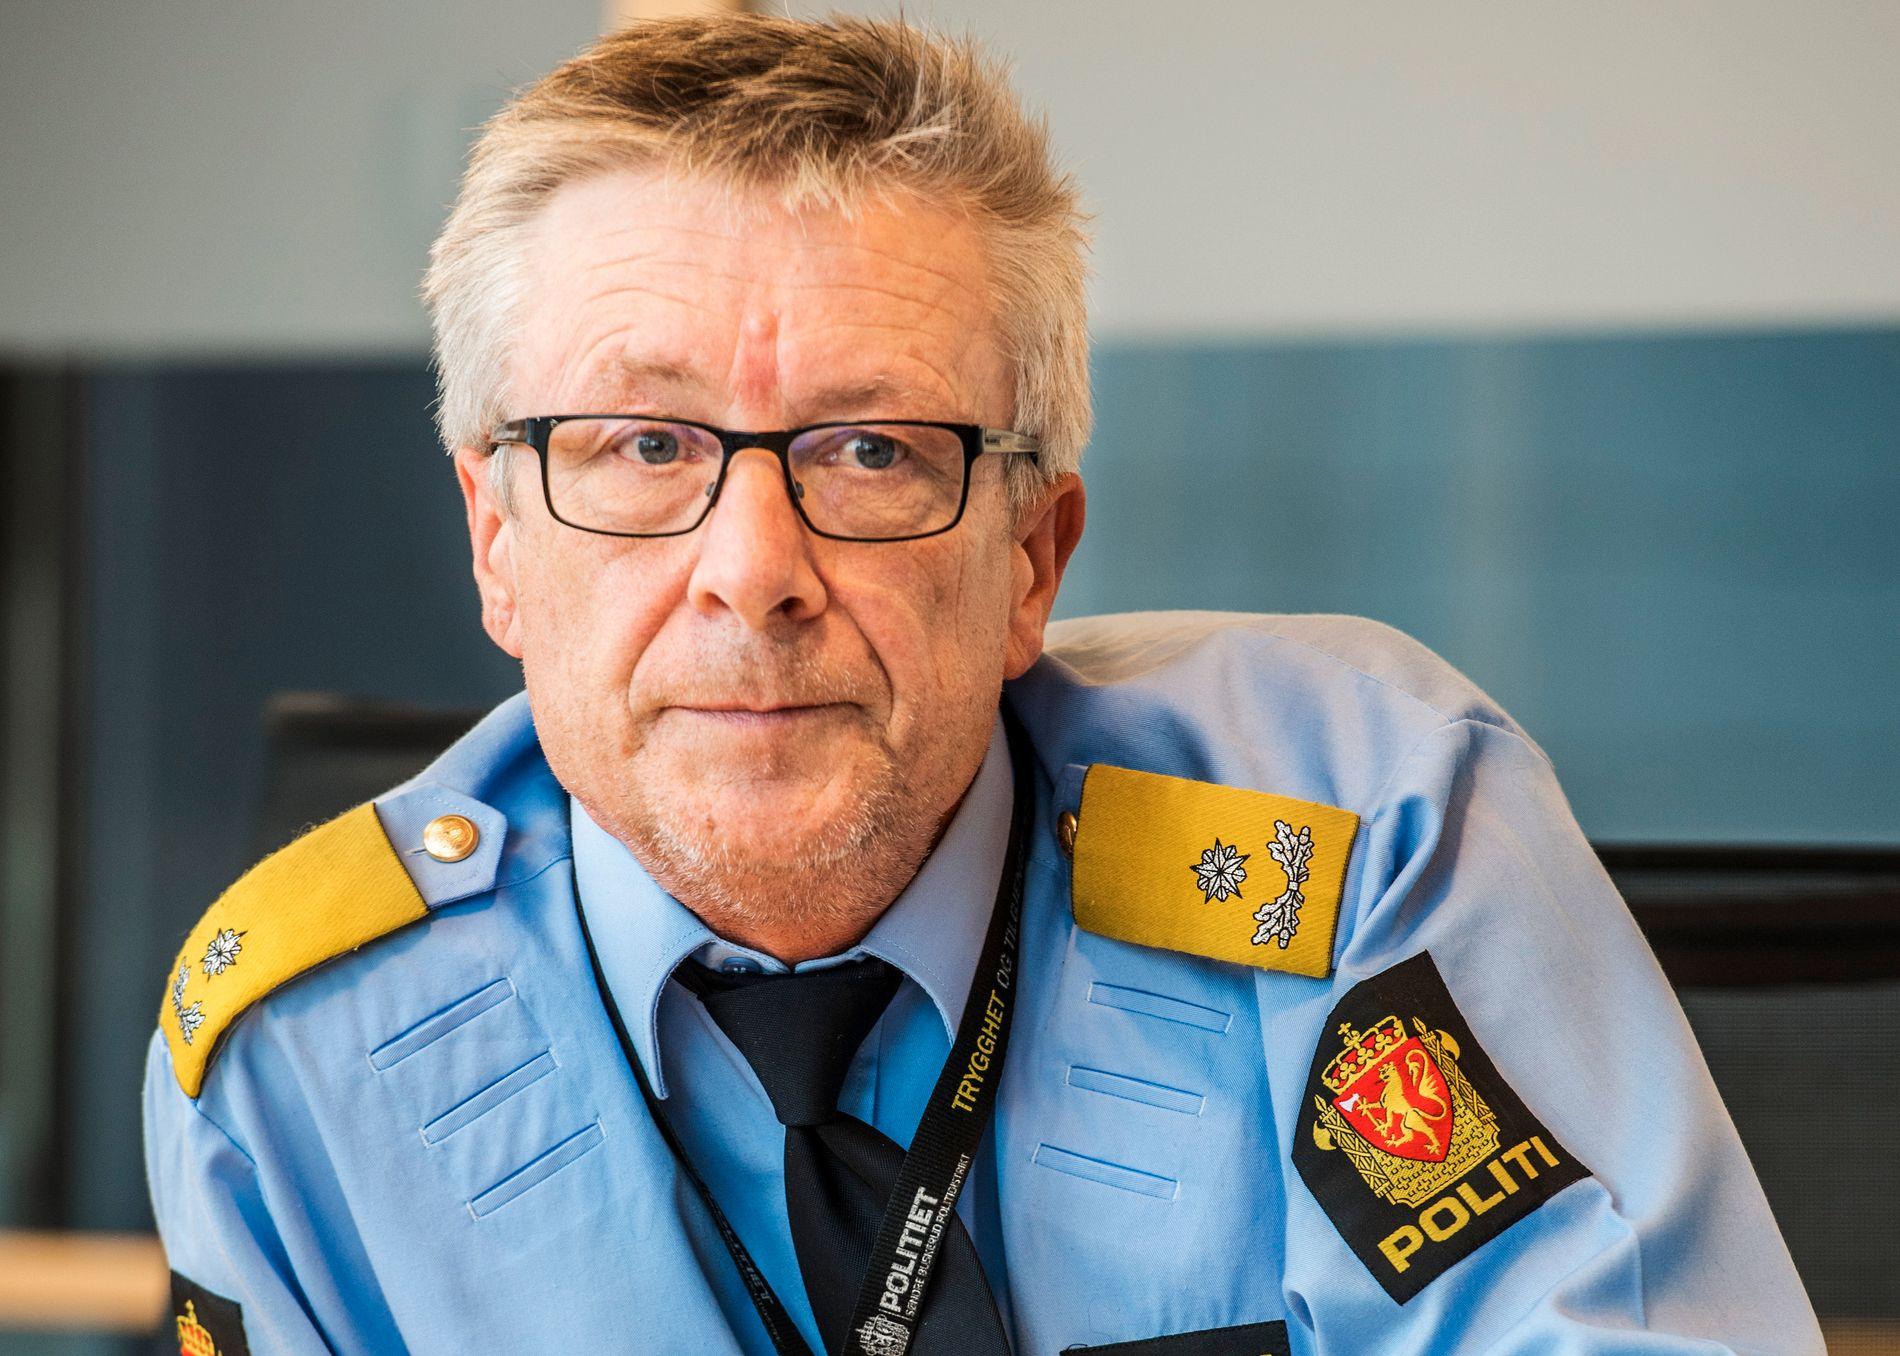 VRAKET: Fungerende politileder Jan Erik Strøm fikk ikke jobben som sjef for operasjonssentralen i Sør-Øst politidistrikt.